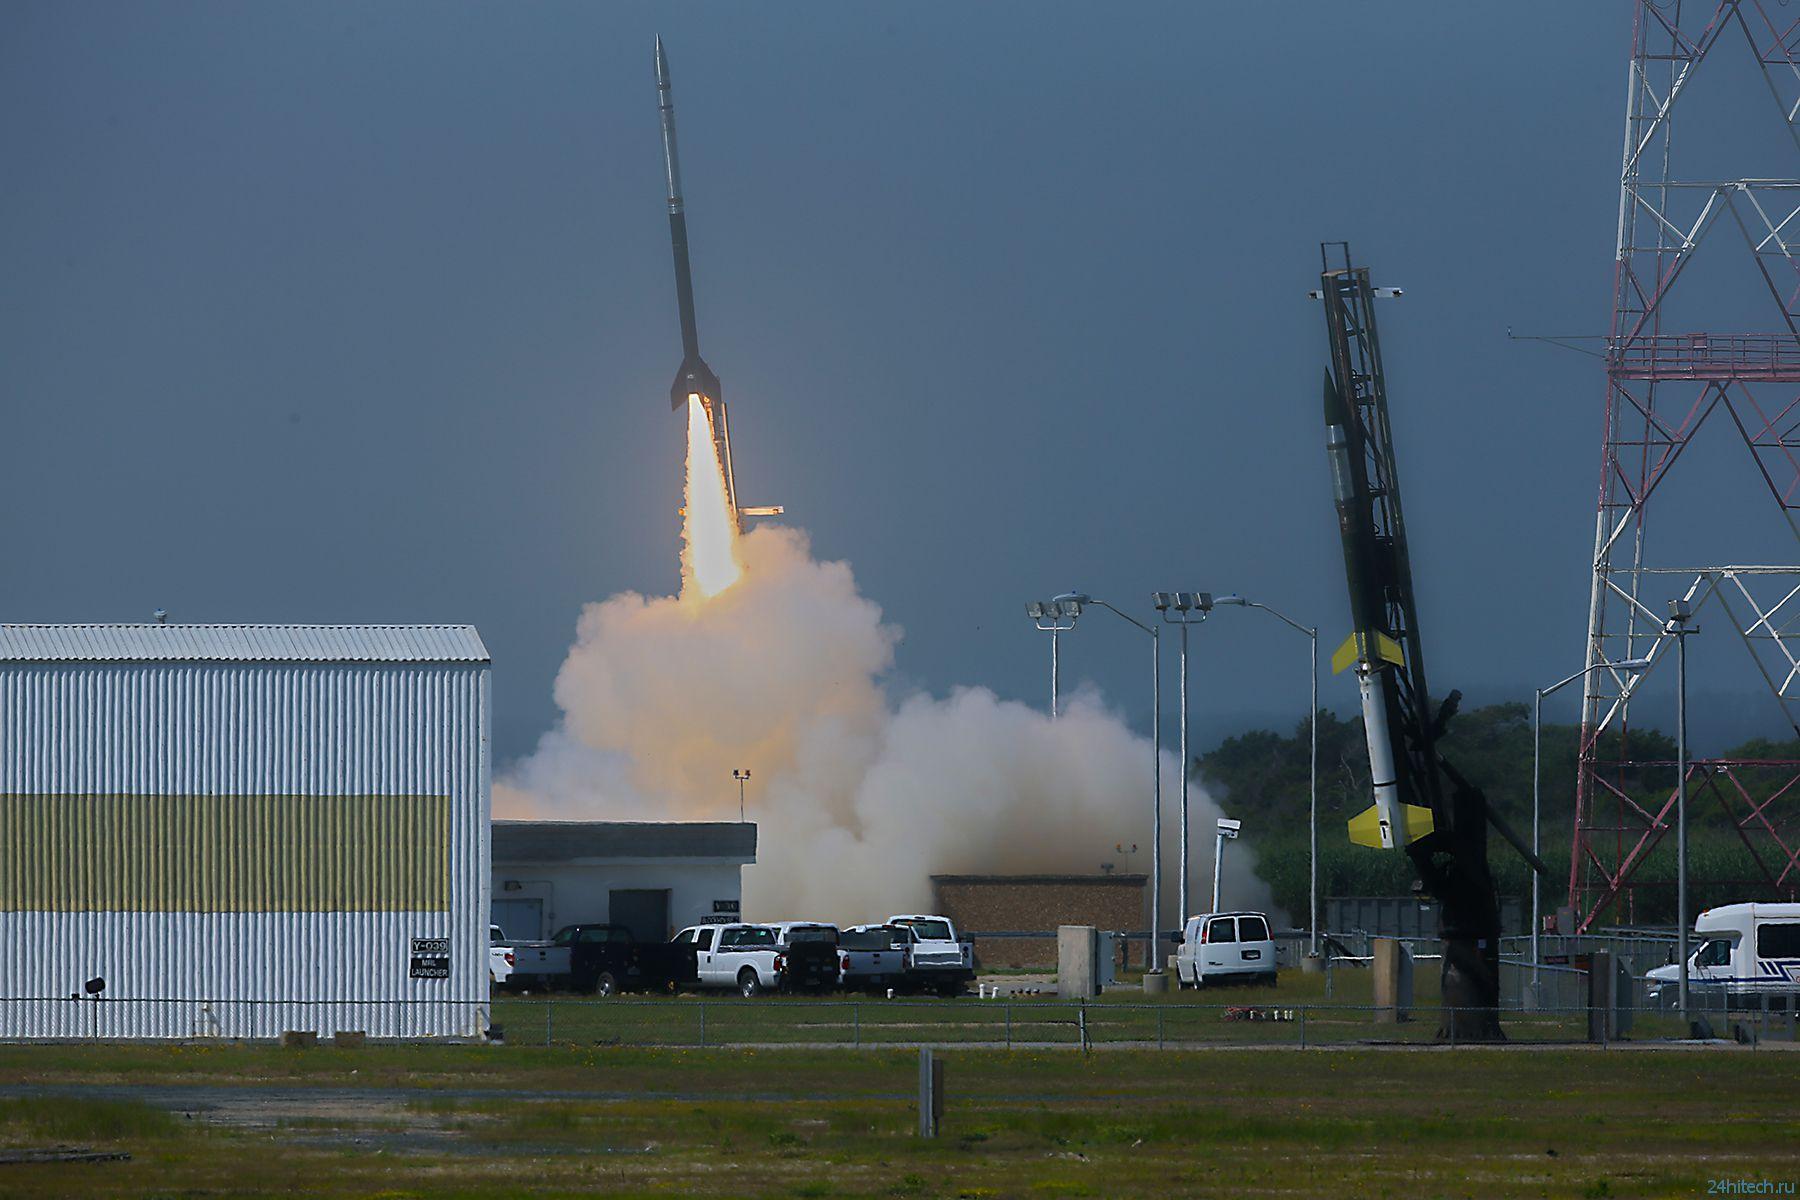 НАСА отметило 4 июля запуском двух ракет